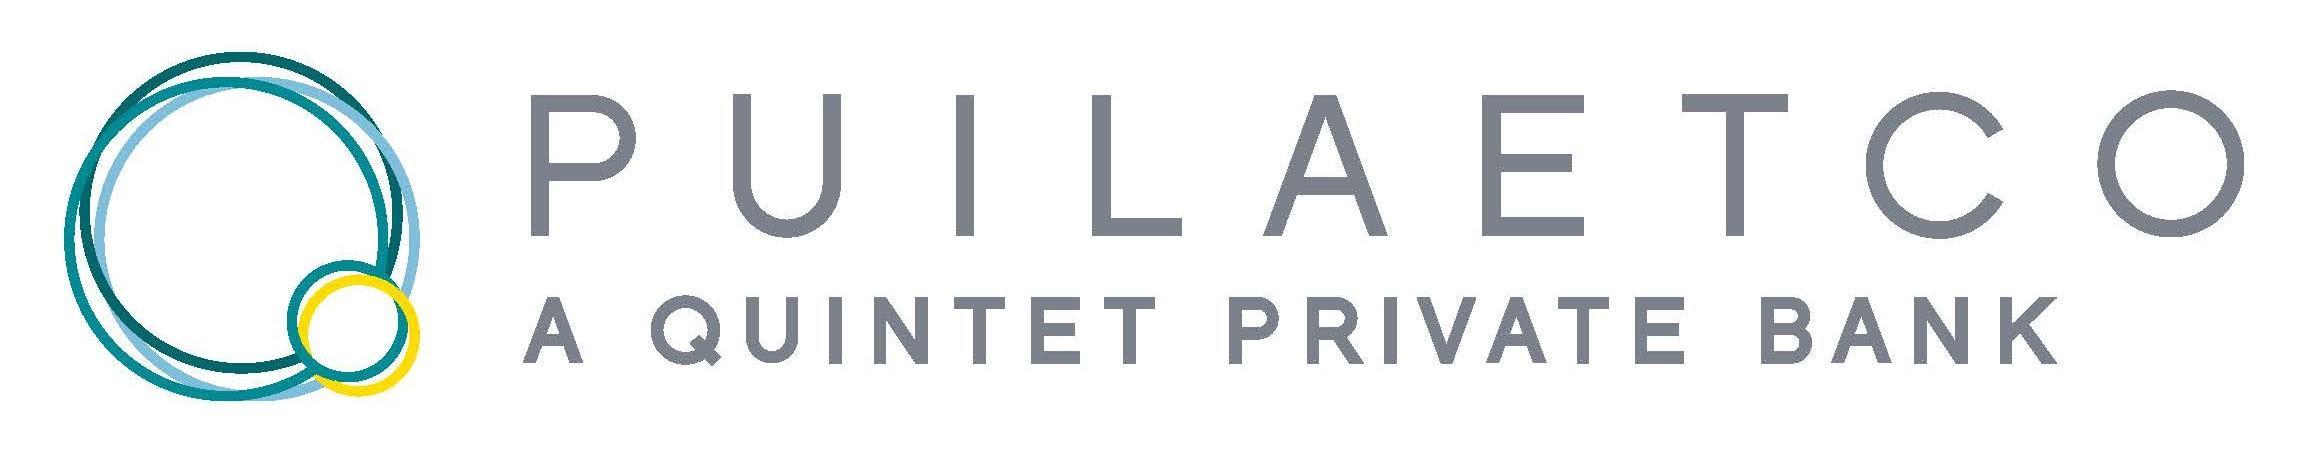 Puilaetco logo